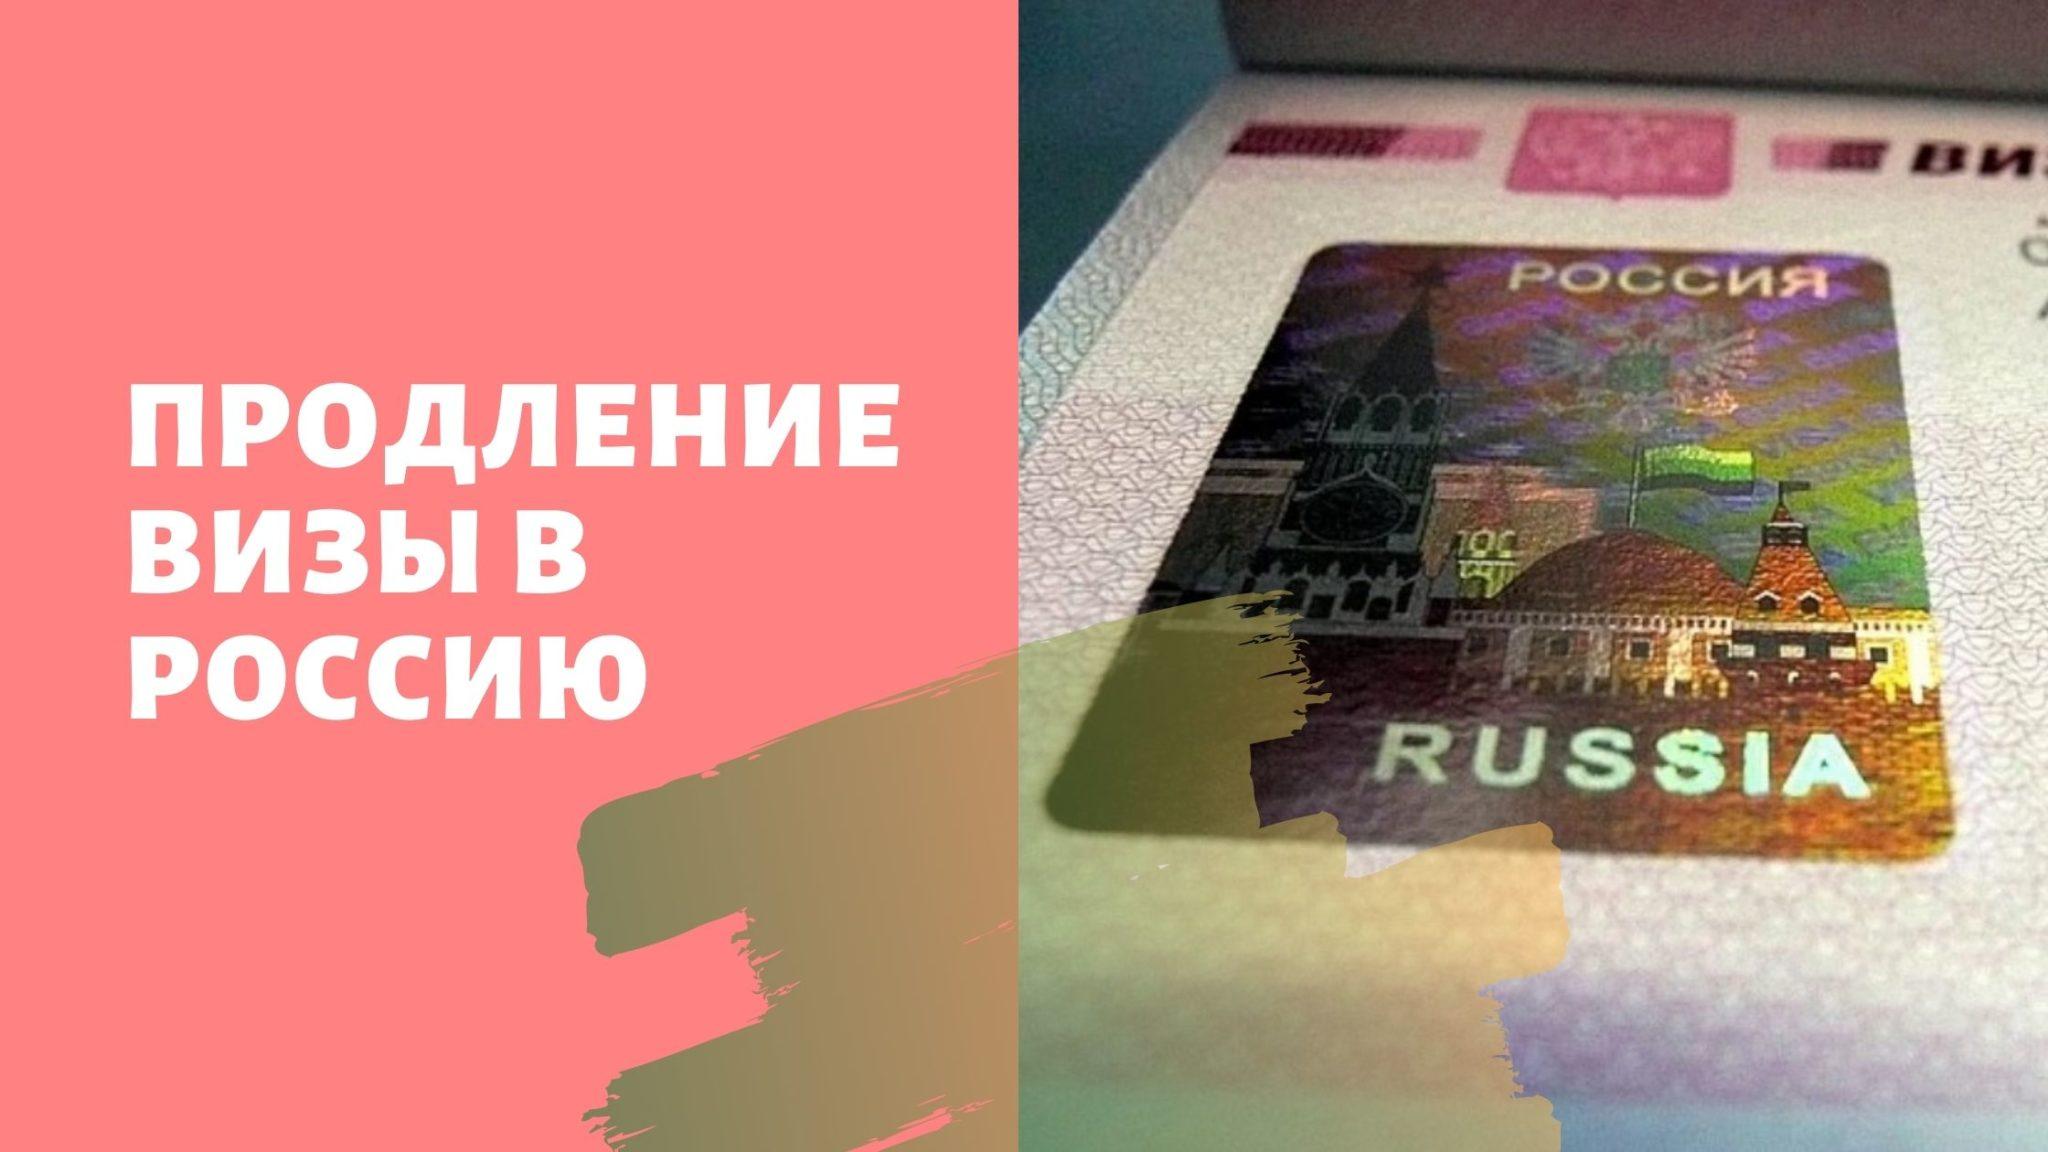 Продление визы иностранному гражданину в России